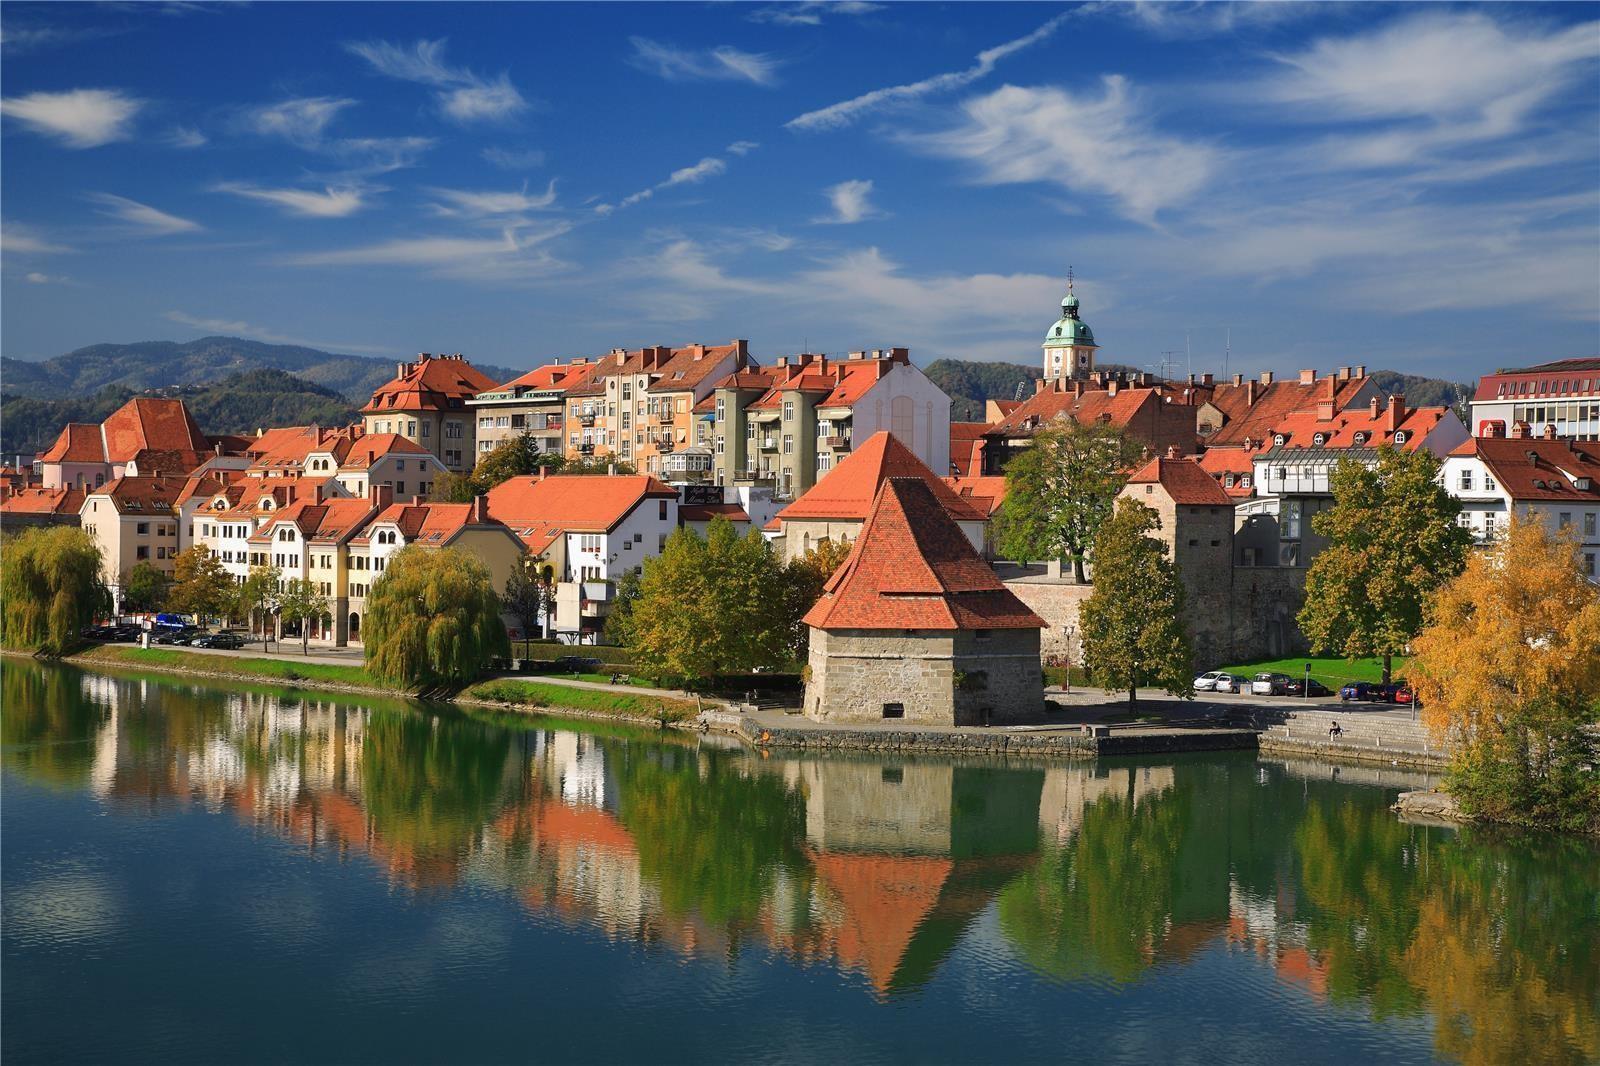 ماریبور (Maribor) در کشور اسلوونی